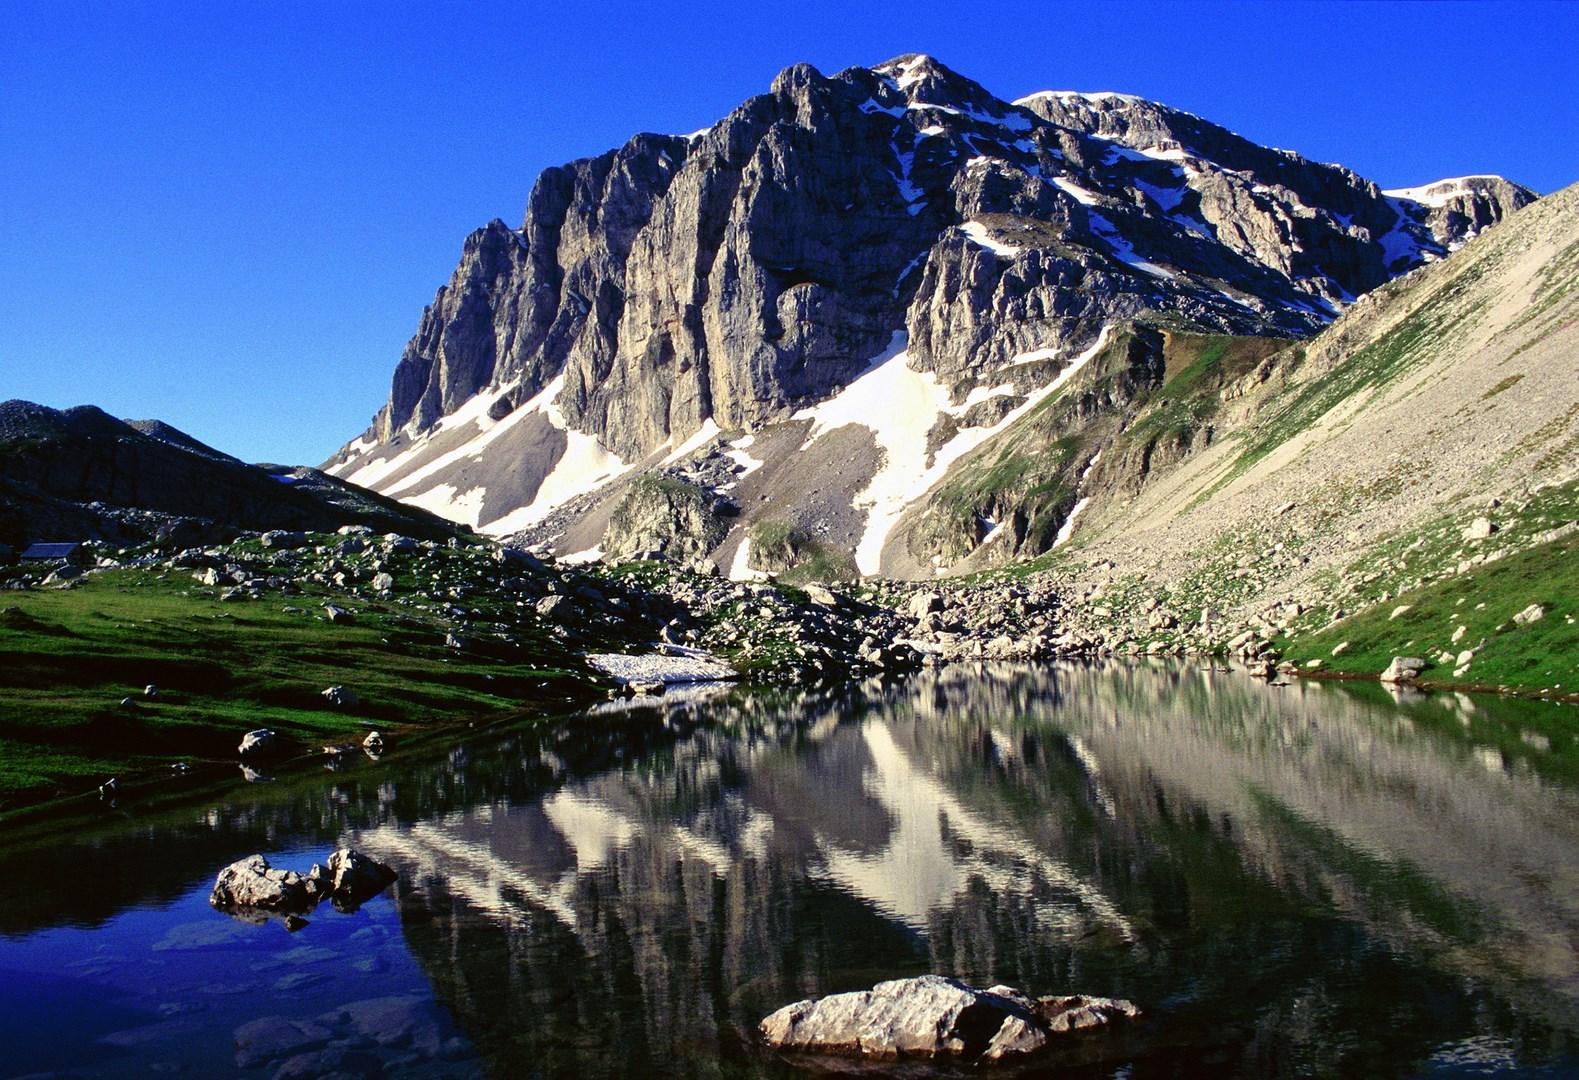 Κορυφή Αστράκα και οροπέδιο Λιμνών Παπίγκου